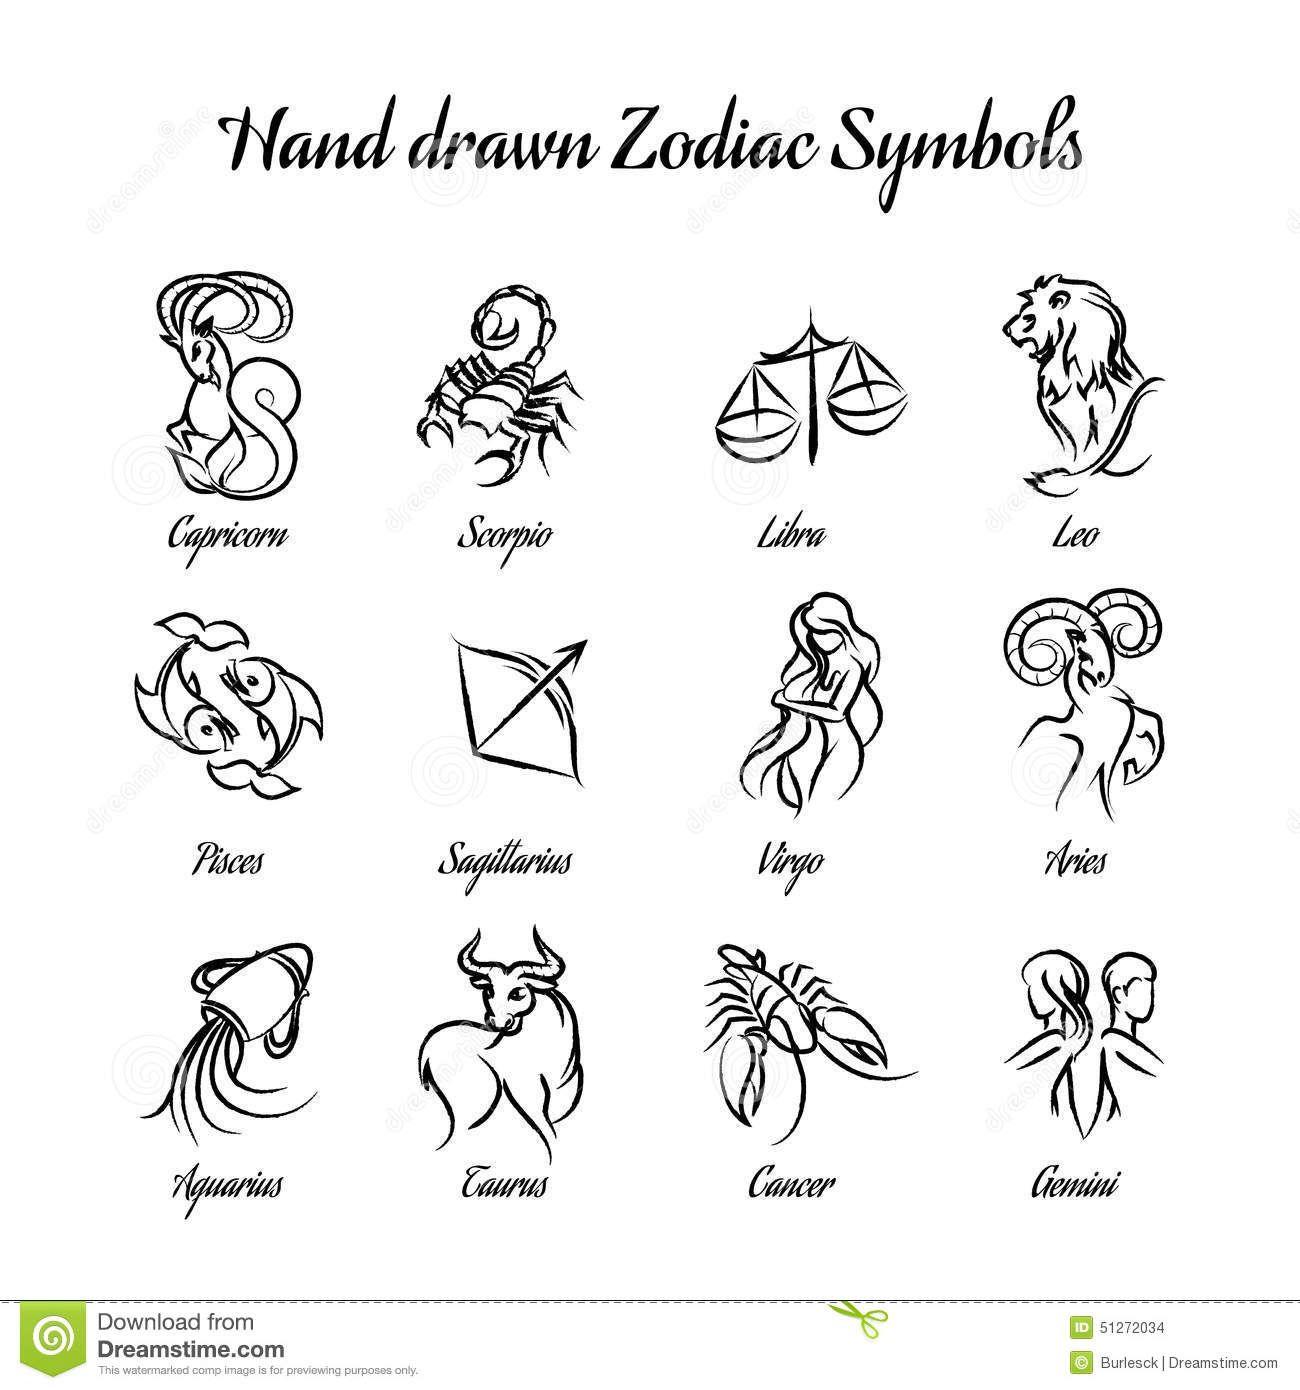 Tattoo Ideas Based On Zodiac Signs: Simbolo Leo Tattoo - Buscar Con Google